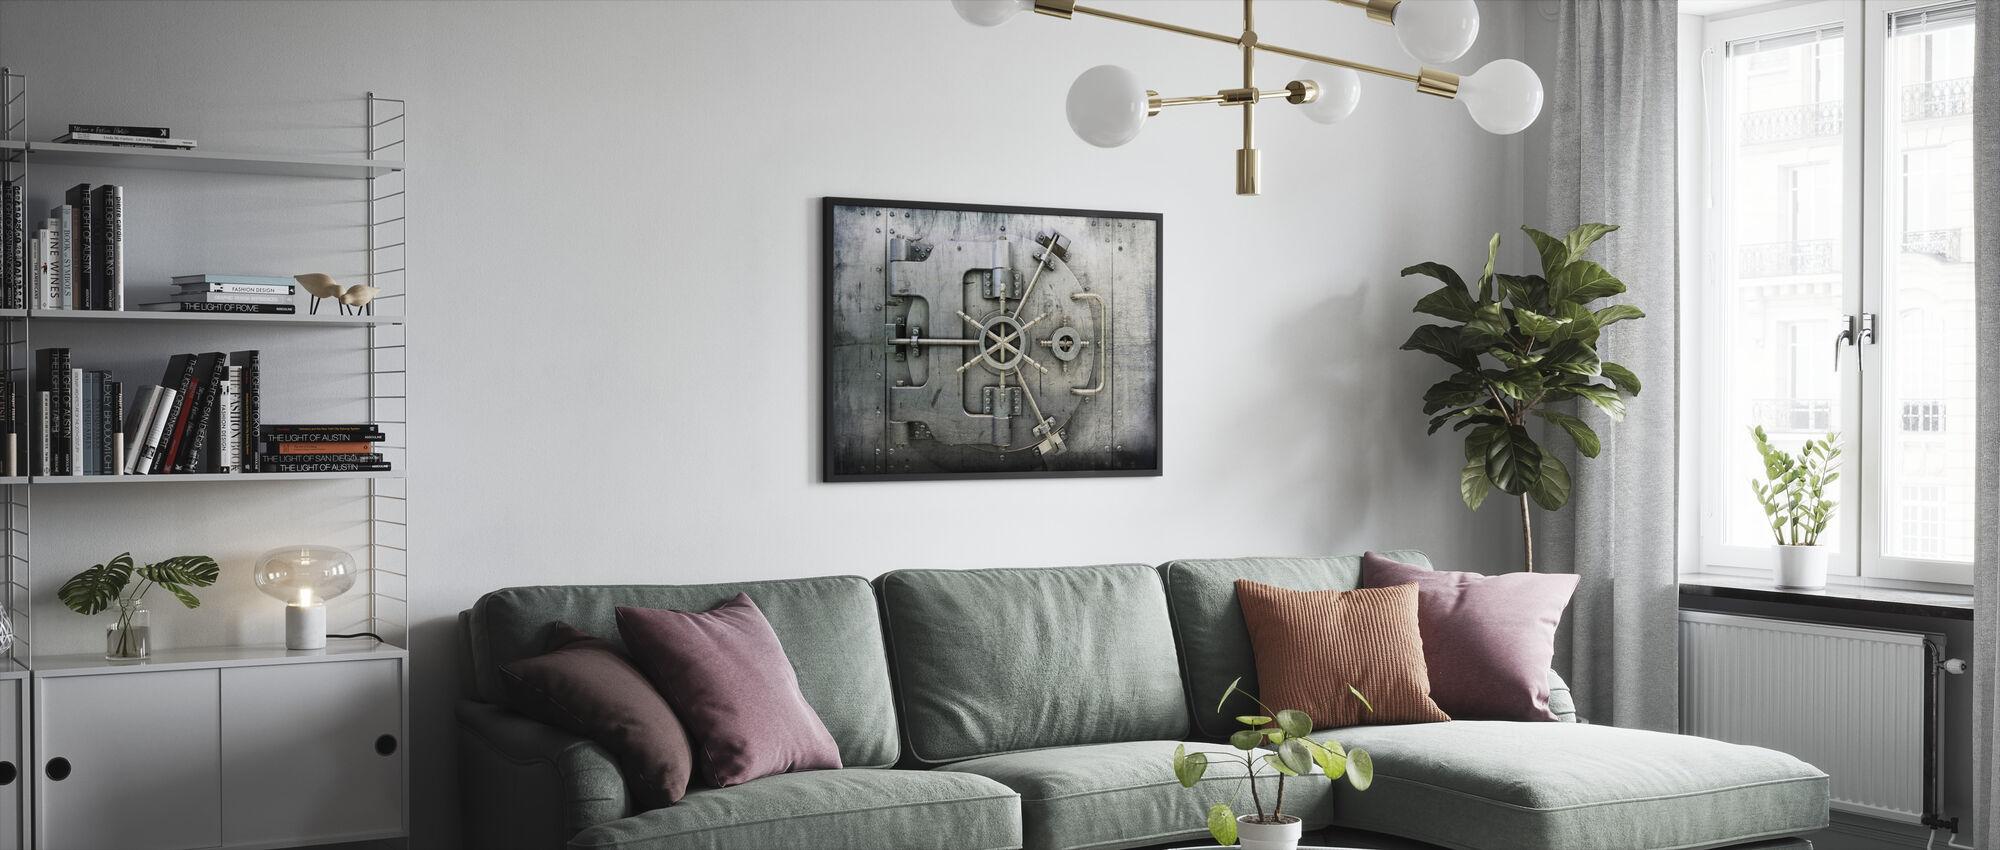 Kluis - Ingelijste print - Woonkamer